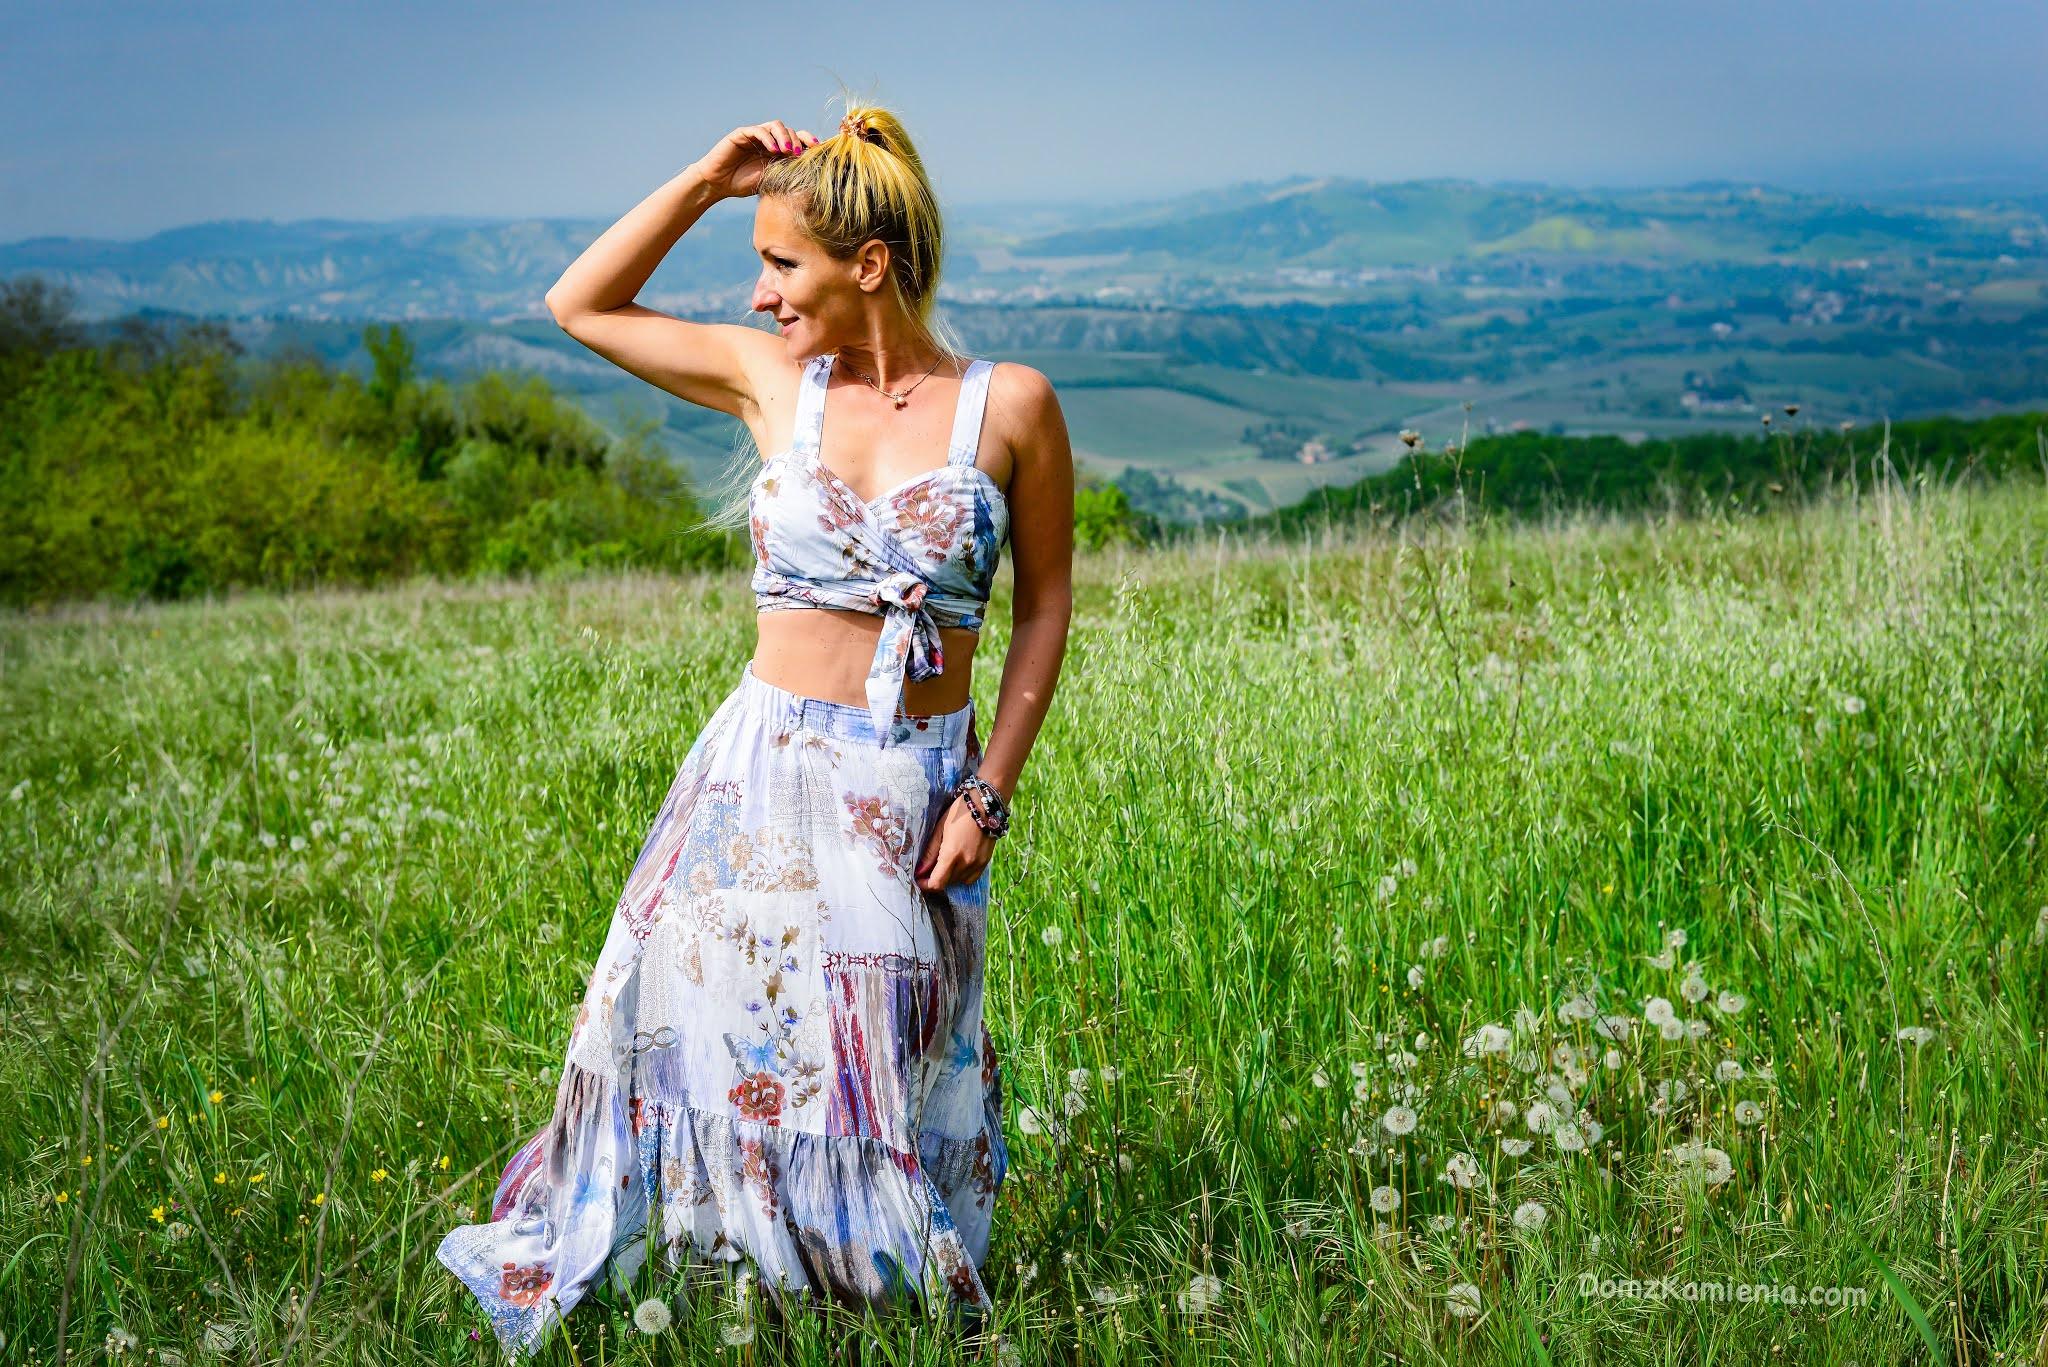 Kasia Nowacka, Dom z Kamienia, blog o życiu w Toskanii